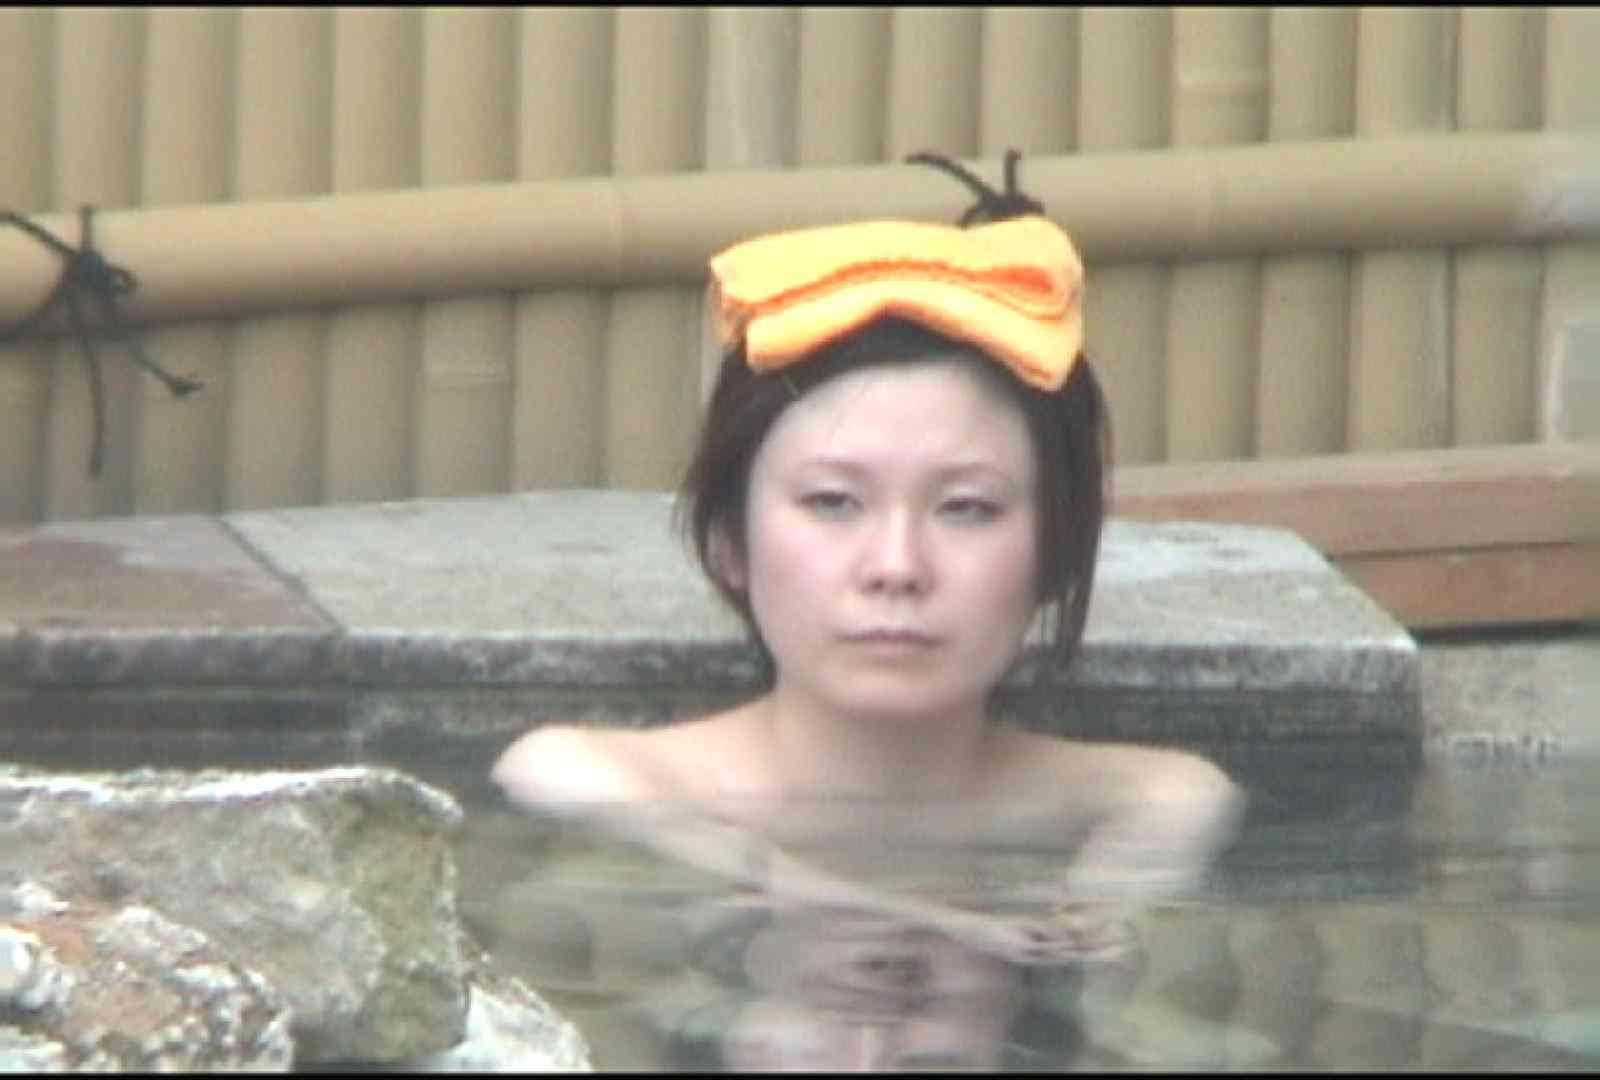 Aquaな露天風呂Vol.177 露天風呂 | 盗撮  40連発 22